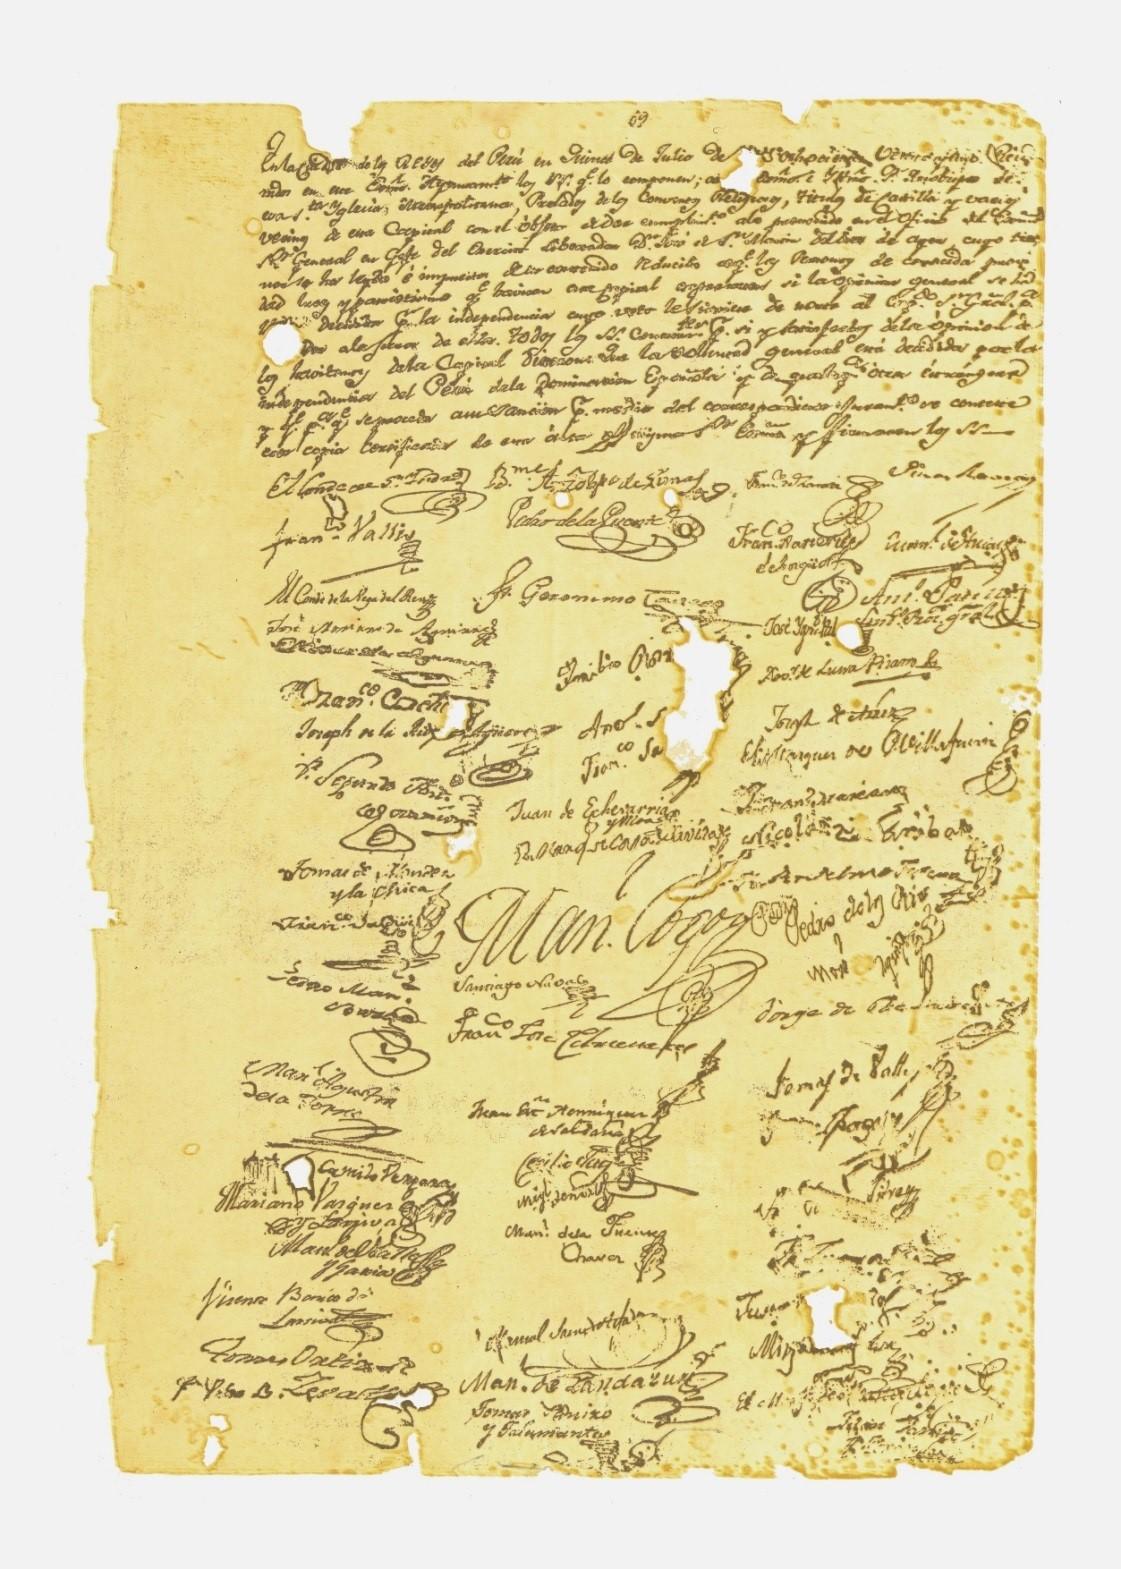 Acta de Proclamación de la Independencia